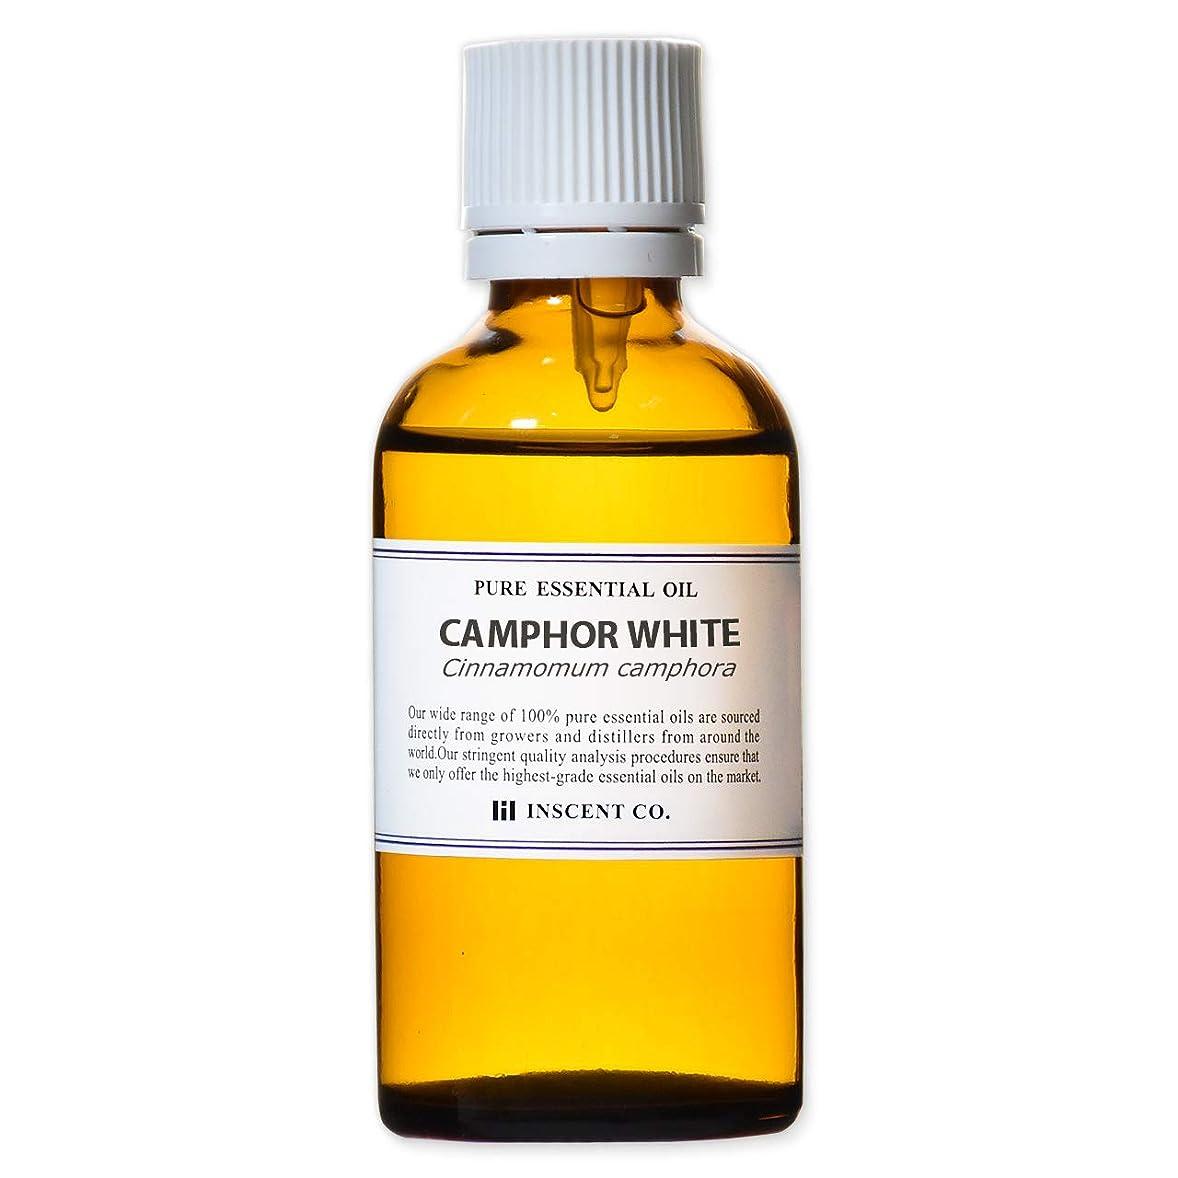 撤回する地味な堂々たるカンファー (ホワイト) 50ml インセント アロマオイル AEAJ 表示基準適合認定精油